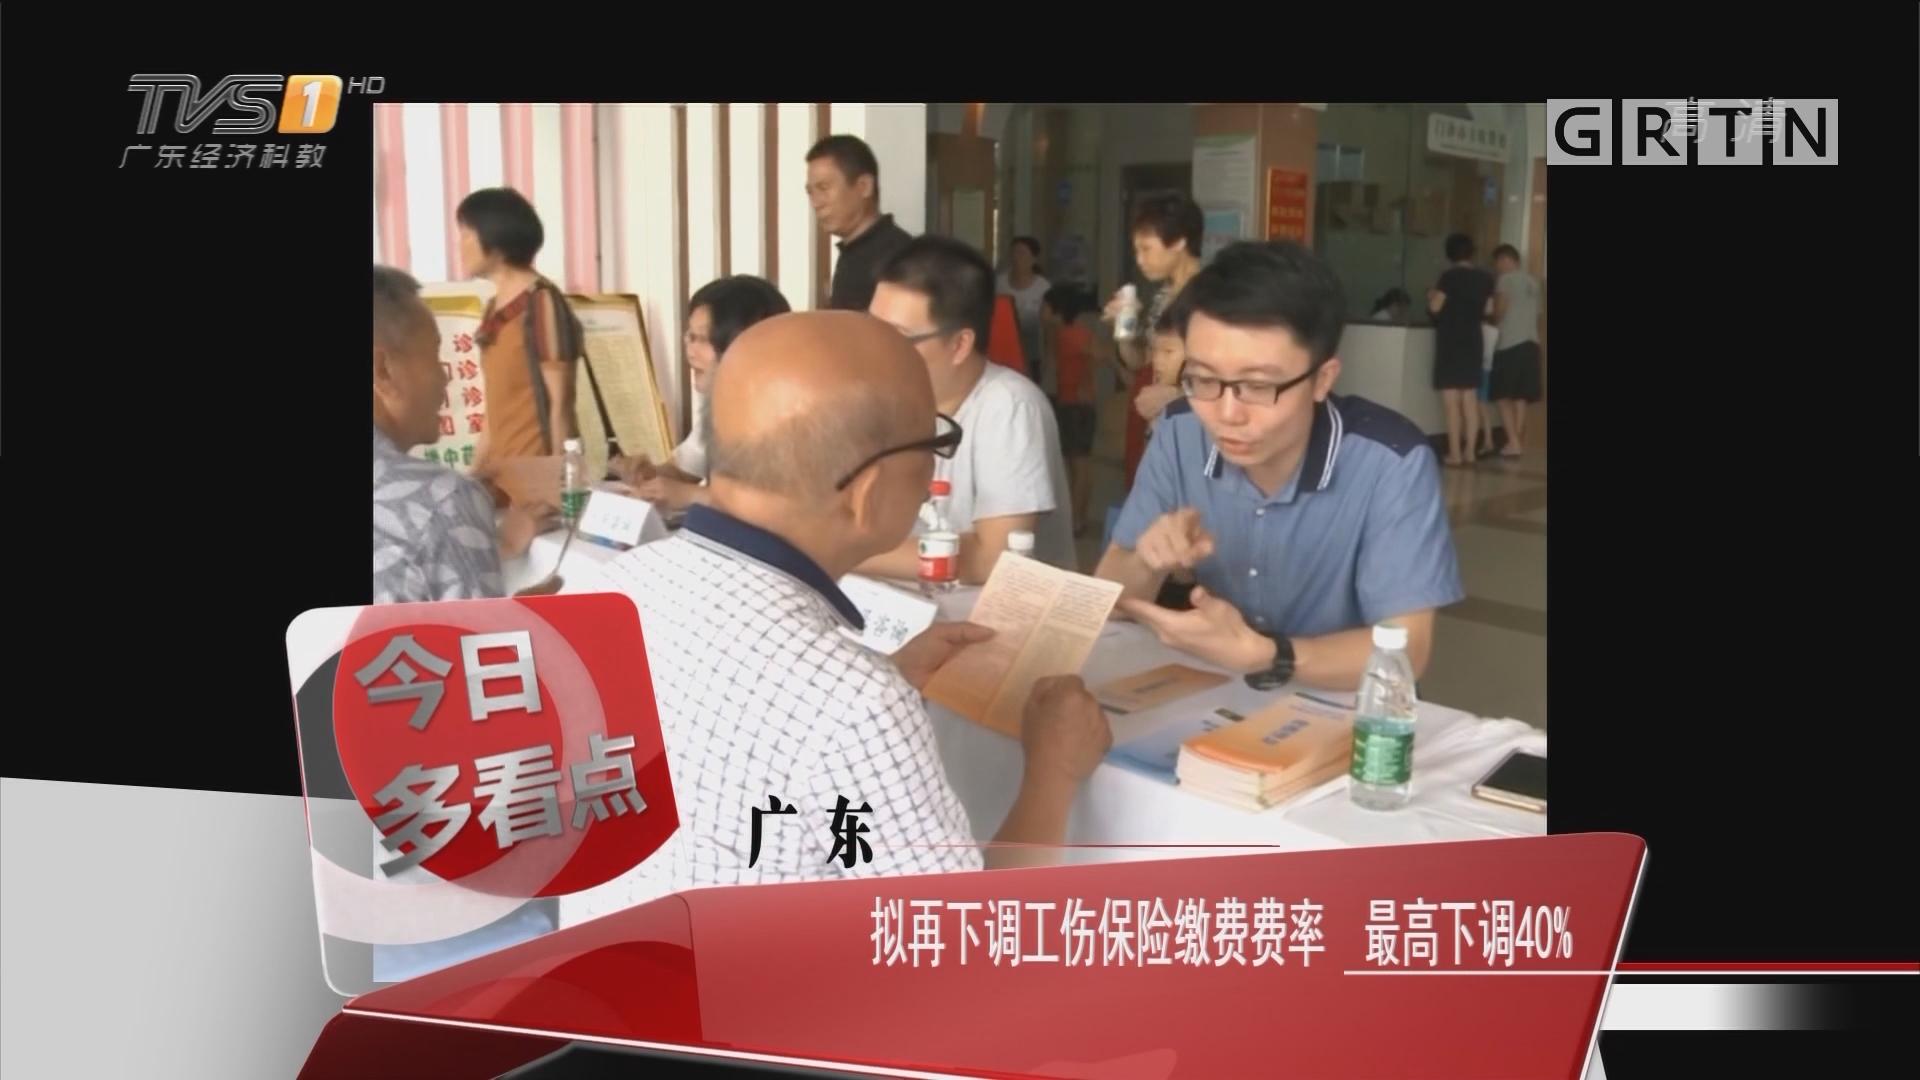 广东:拟再下调工伤保险缴费费率 最高下调40%